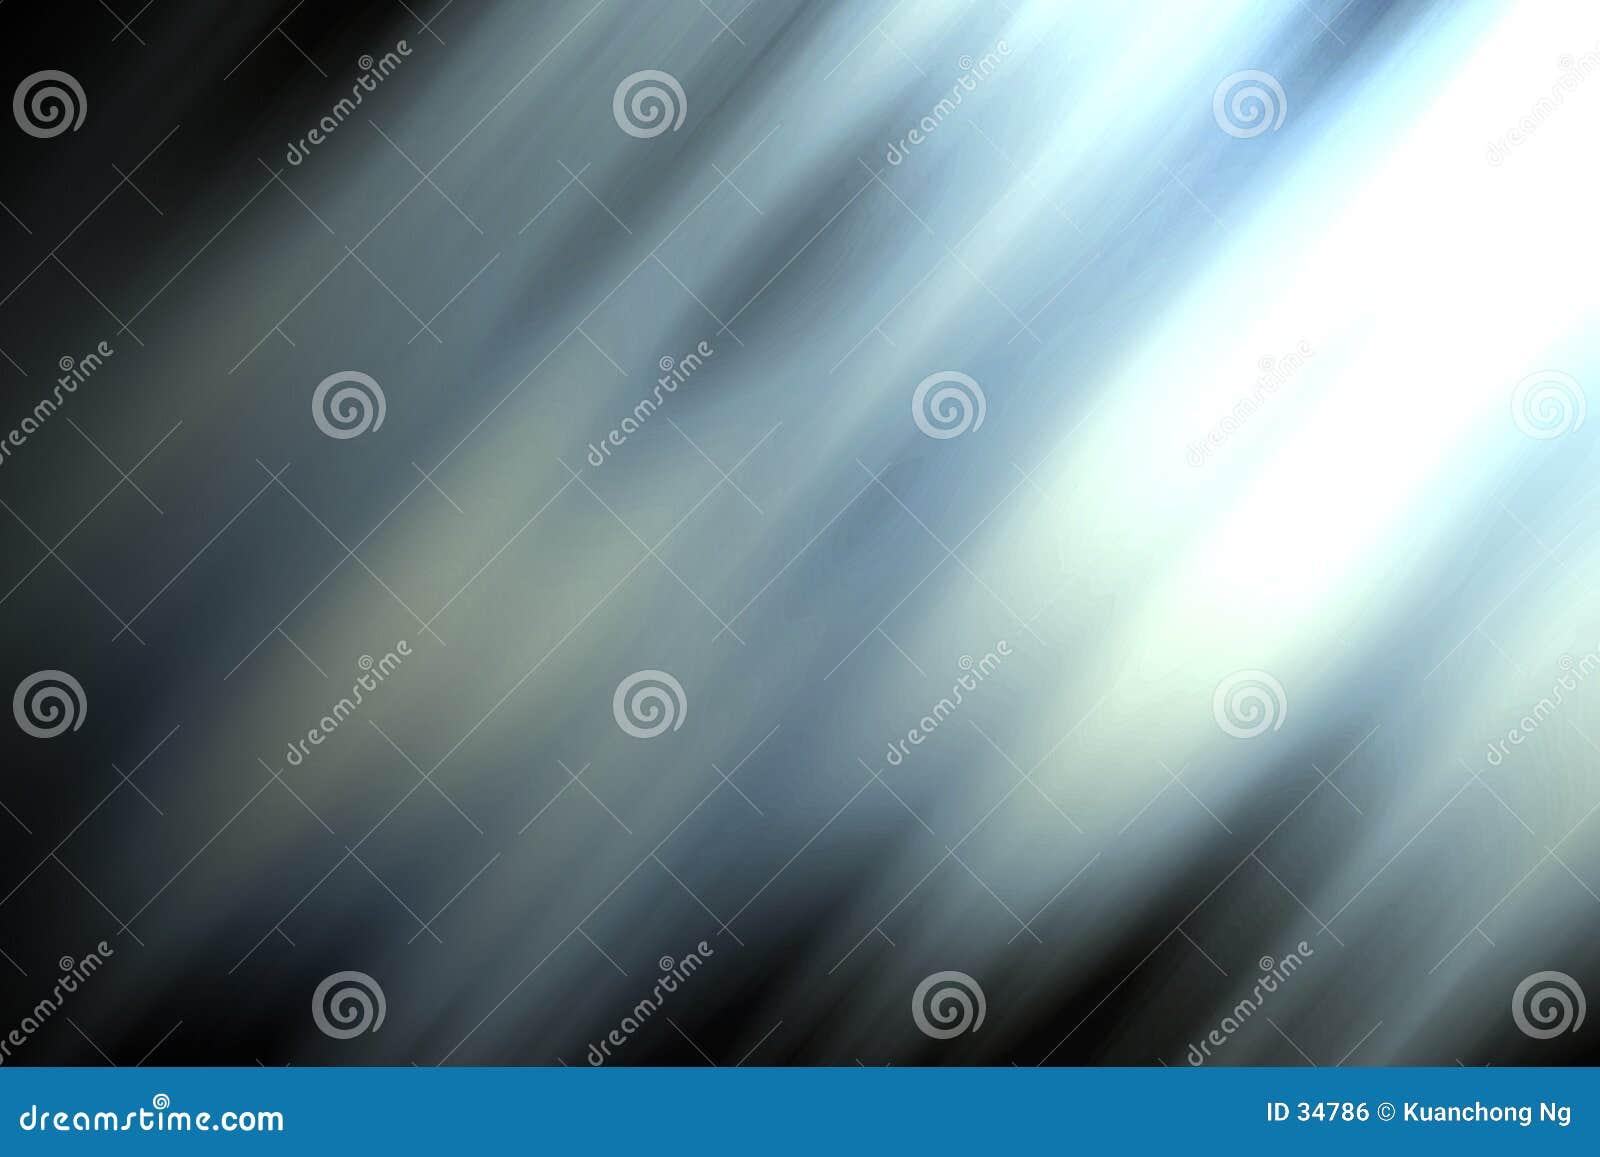 Hintergrund - Shine